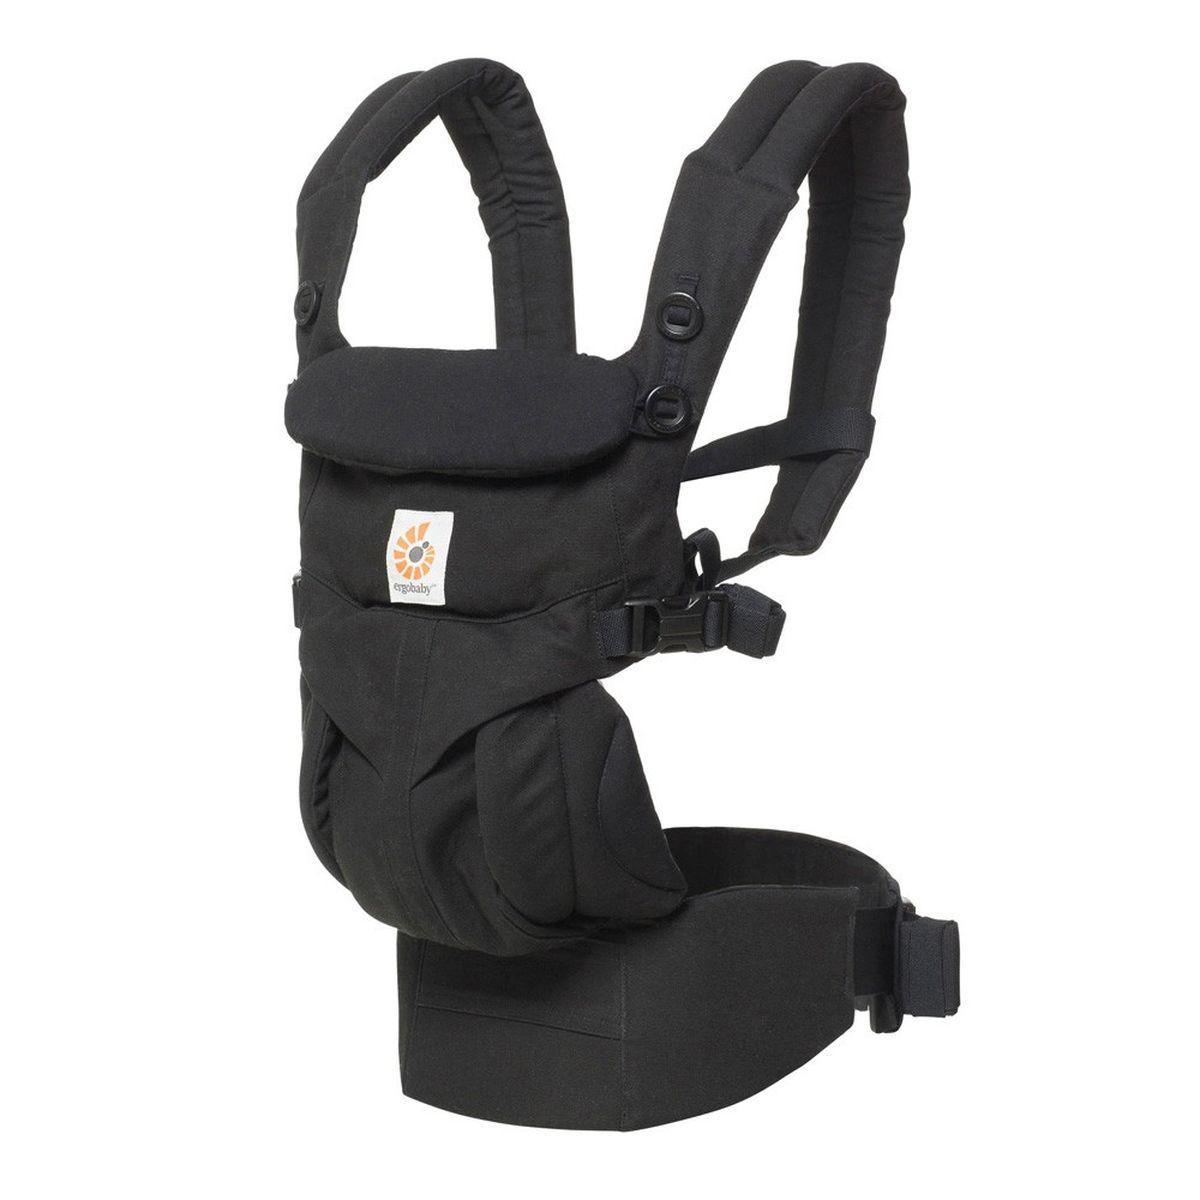 Porte-Bébé OMNI 360 Ergo Baby Pure Black